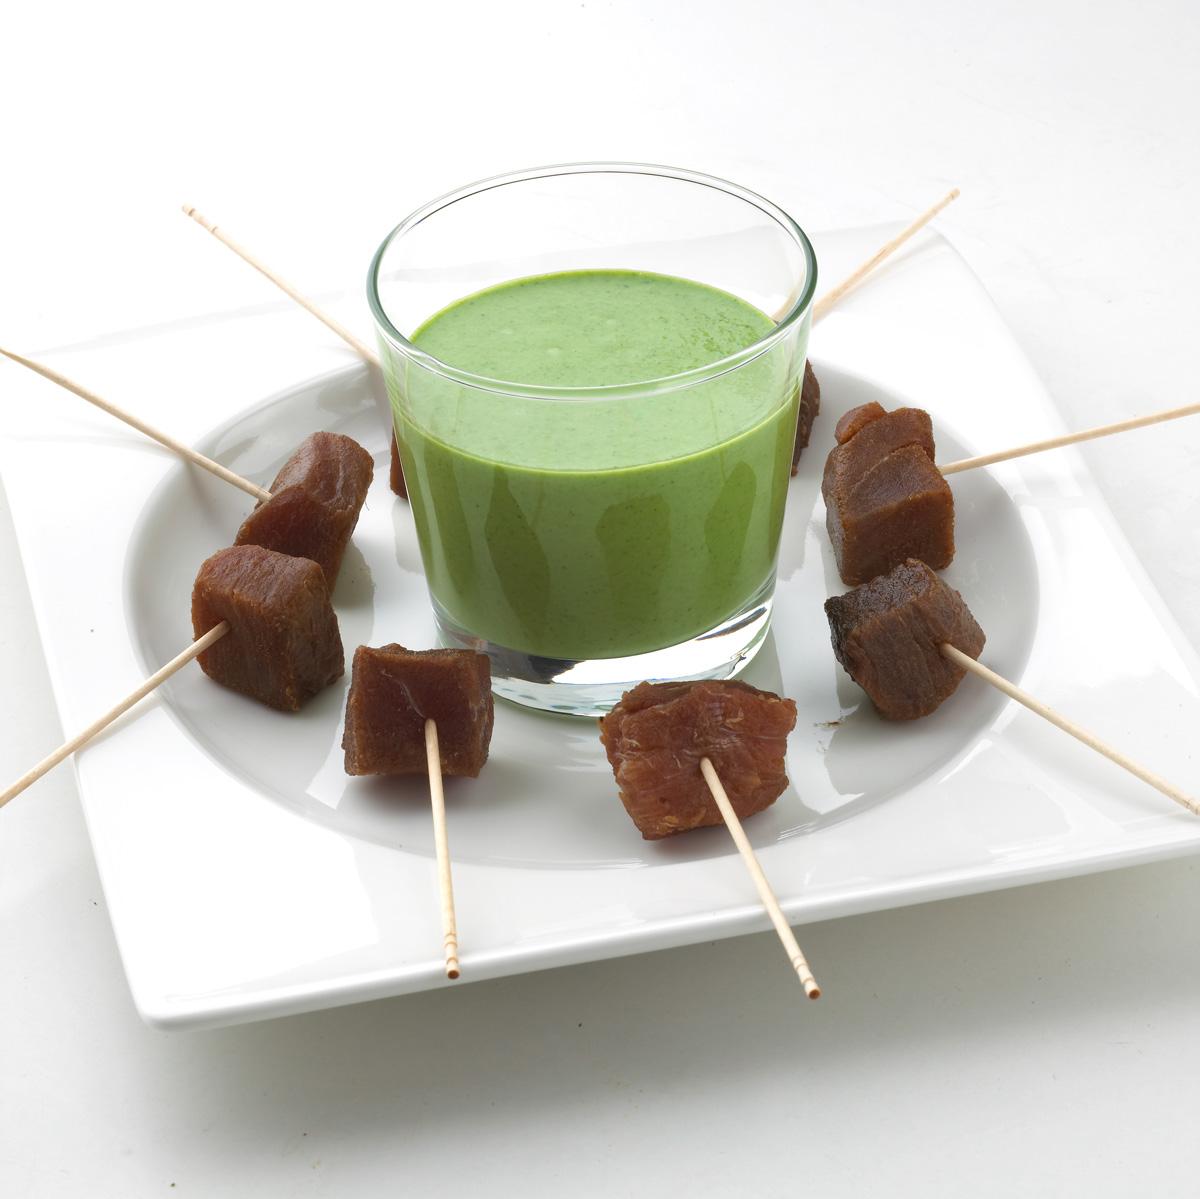 Pinchos de atún curado a la crema de gazpacho verde